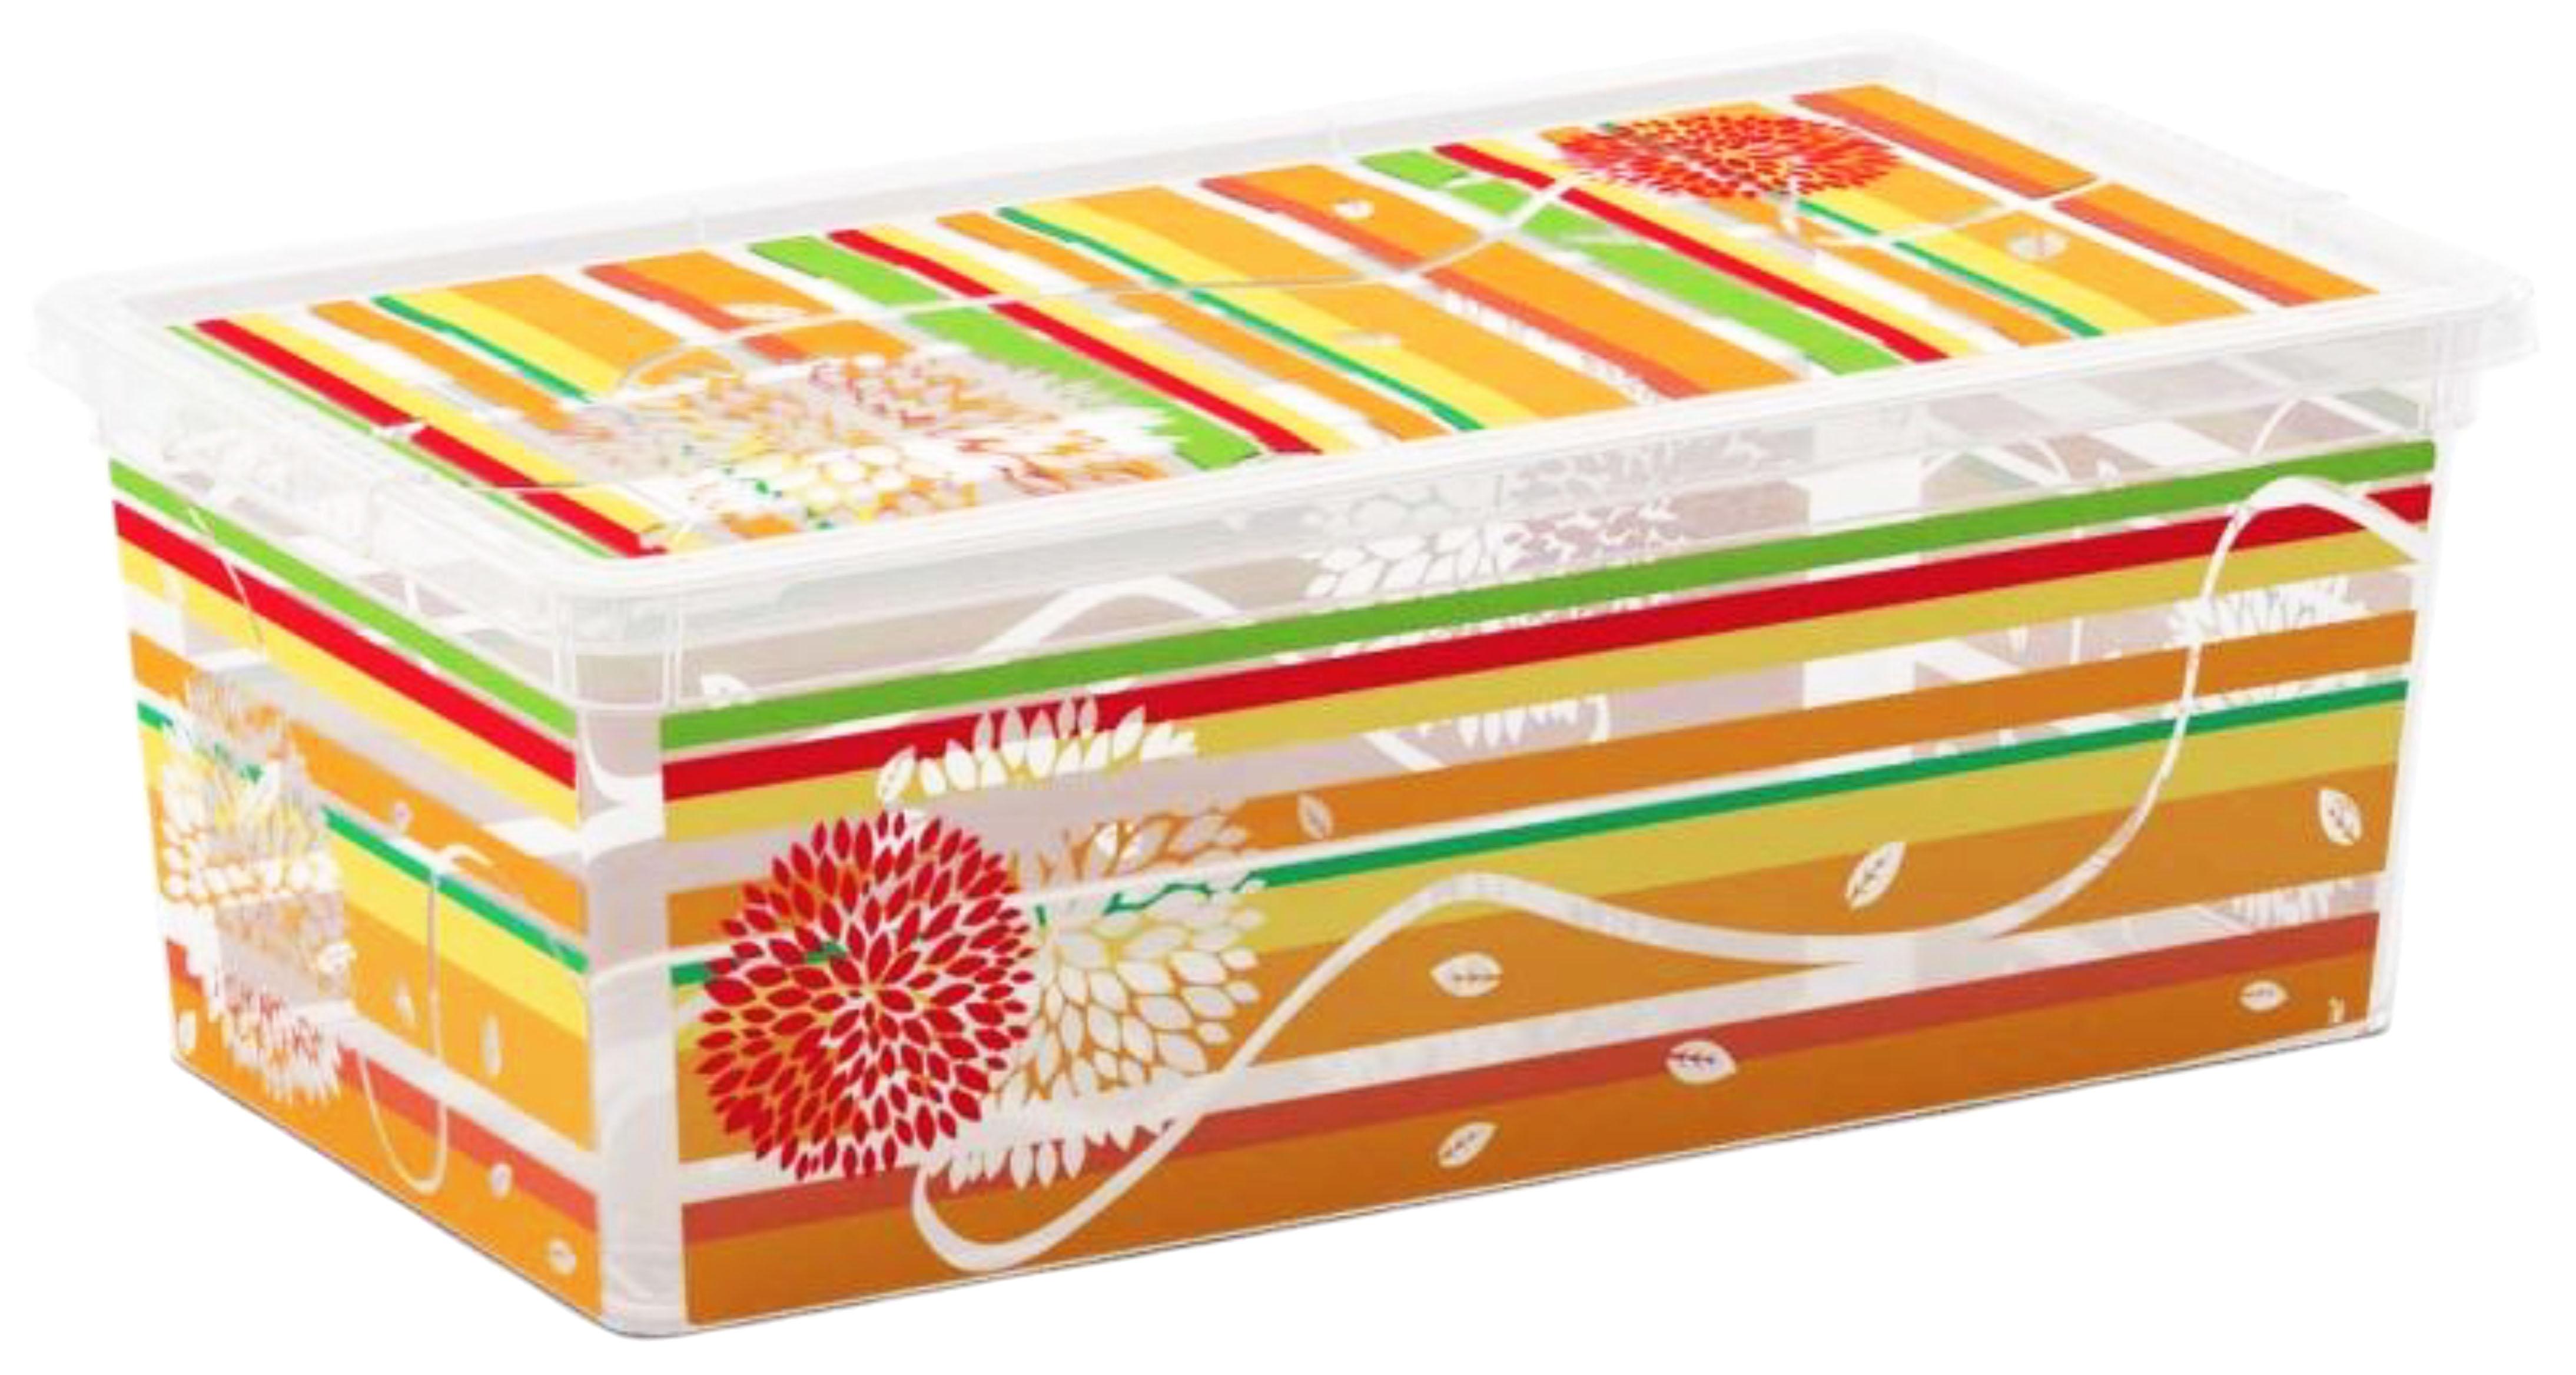 Контейнер для хранения ABM Цветы и полоски, 5 лAB08407SFБезопасны для здоровья, не токсичны, не имеют запаха, не вызывают аллергических реакций.Контейнеры TM KIS (A.B.M., Италия) изготовлены из полипропилена, пригодного и для контакта с пищевыми продуктами.